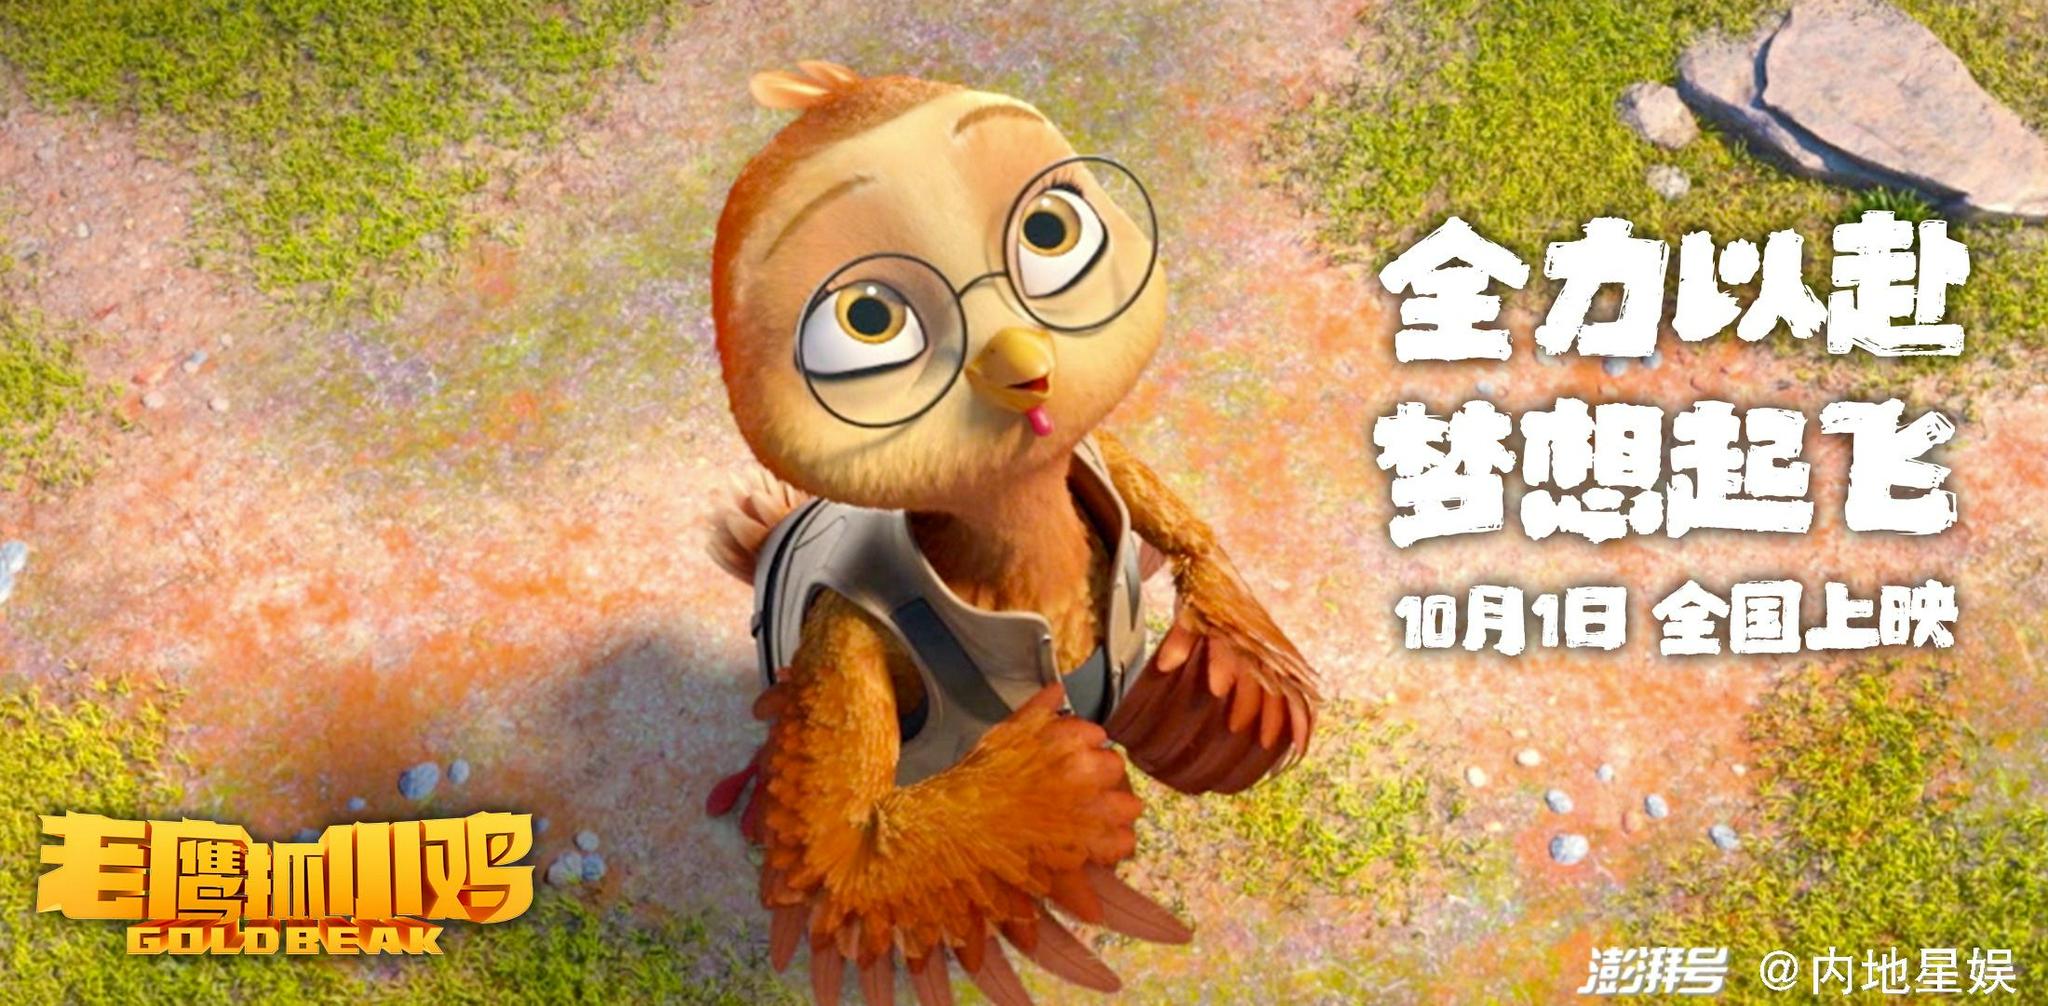 《老鹰抓小鸡》-电影百度云【1080p网盘资源分享】